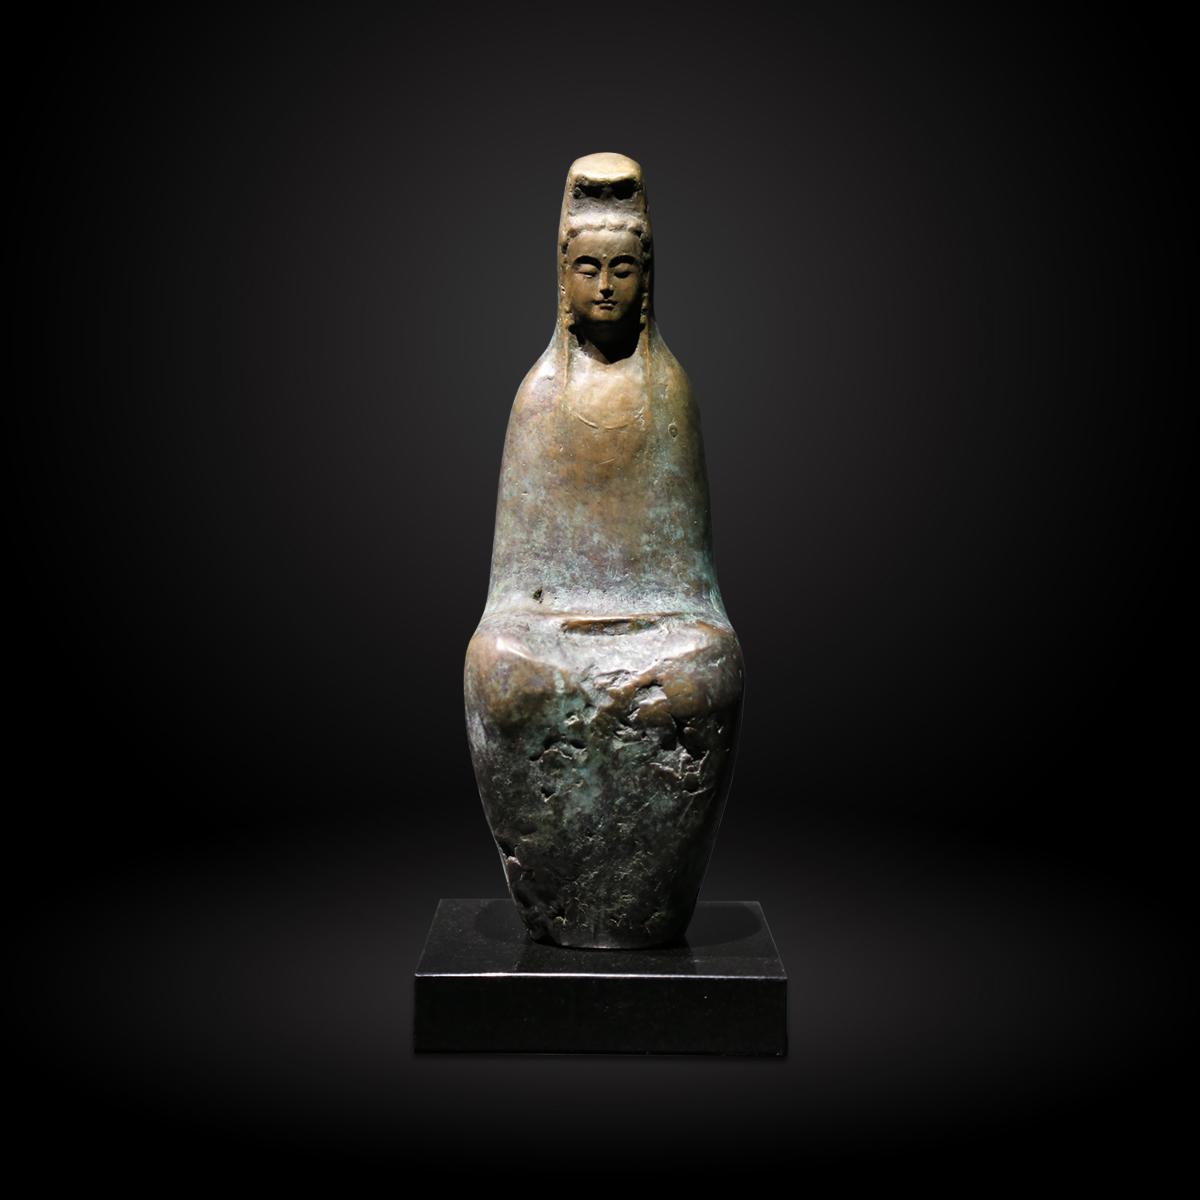 陳紹寬的佛像藝術品,觀音。